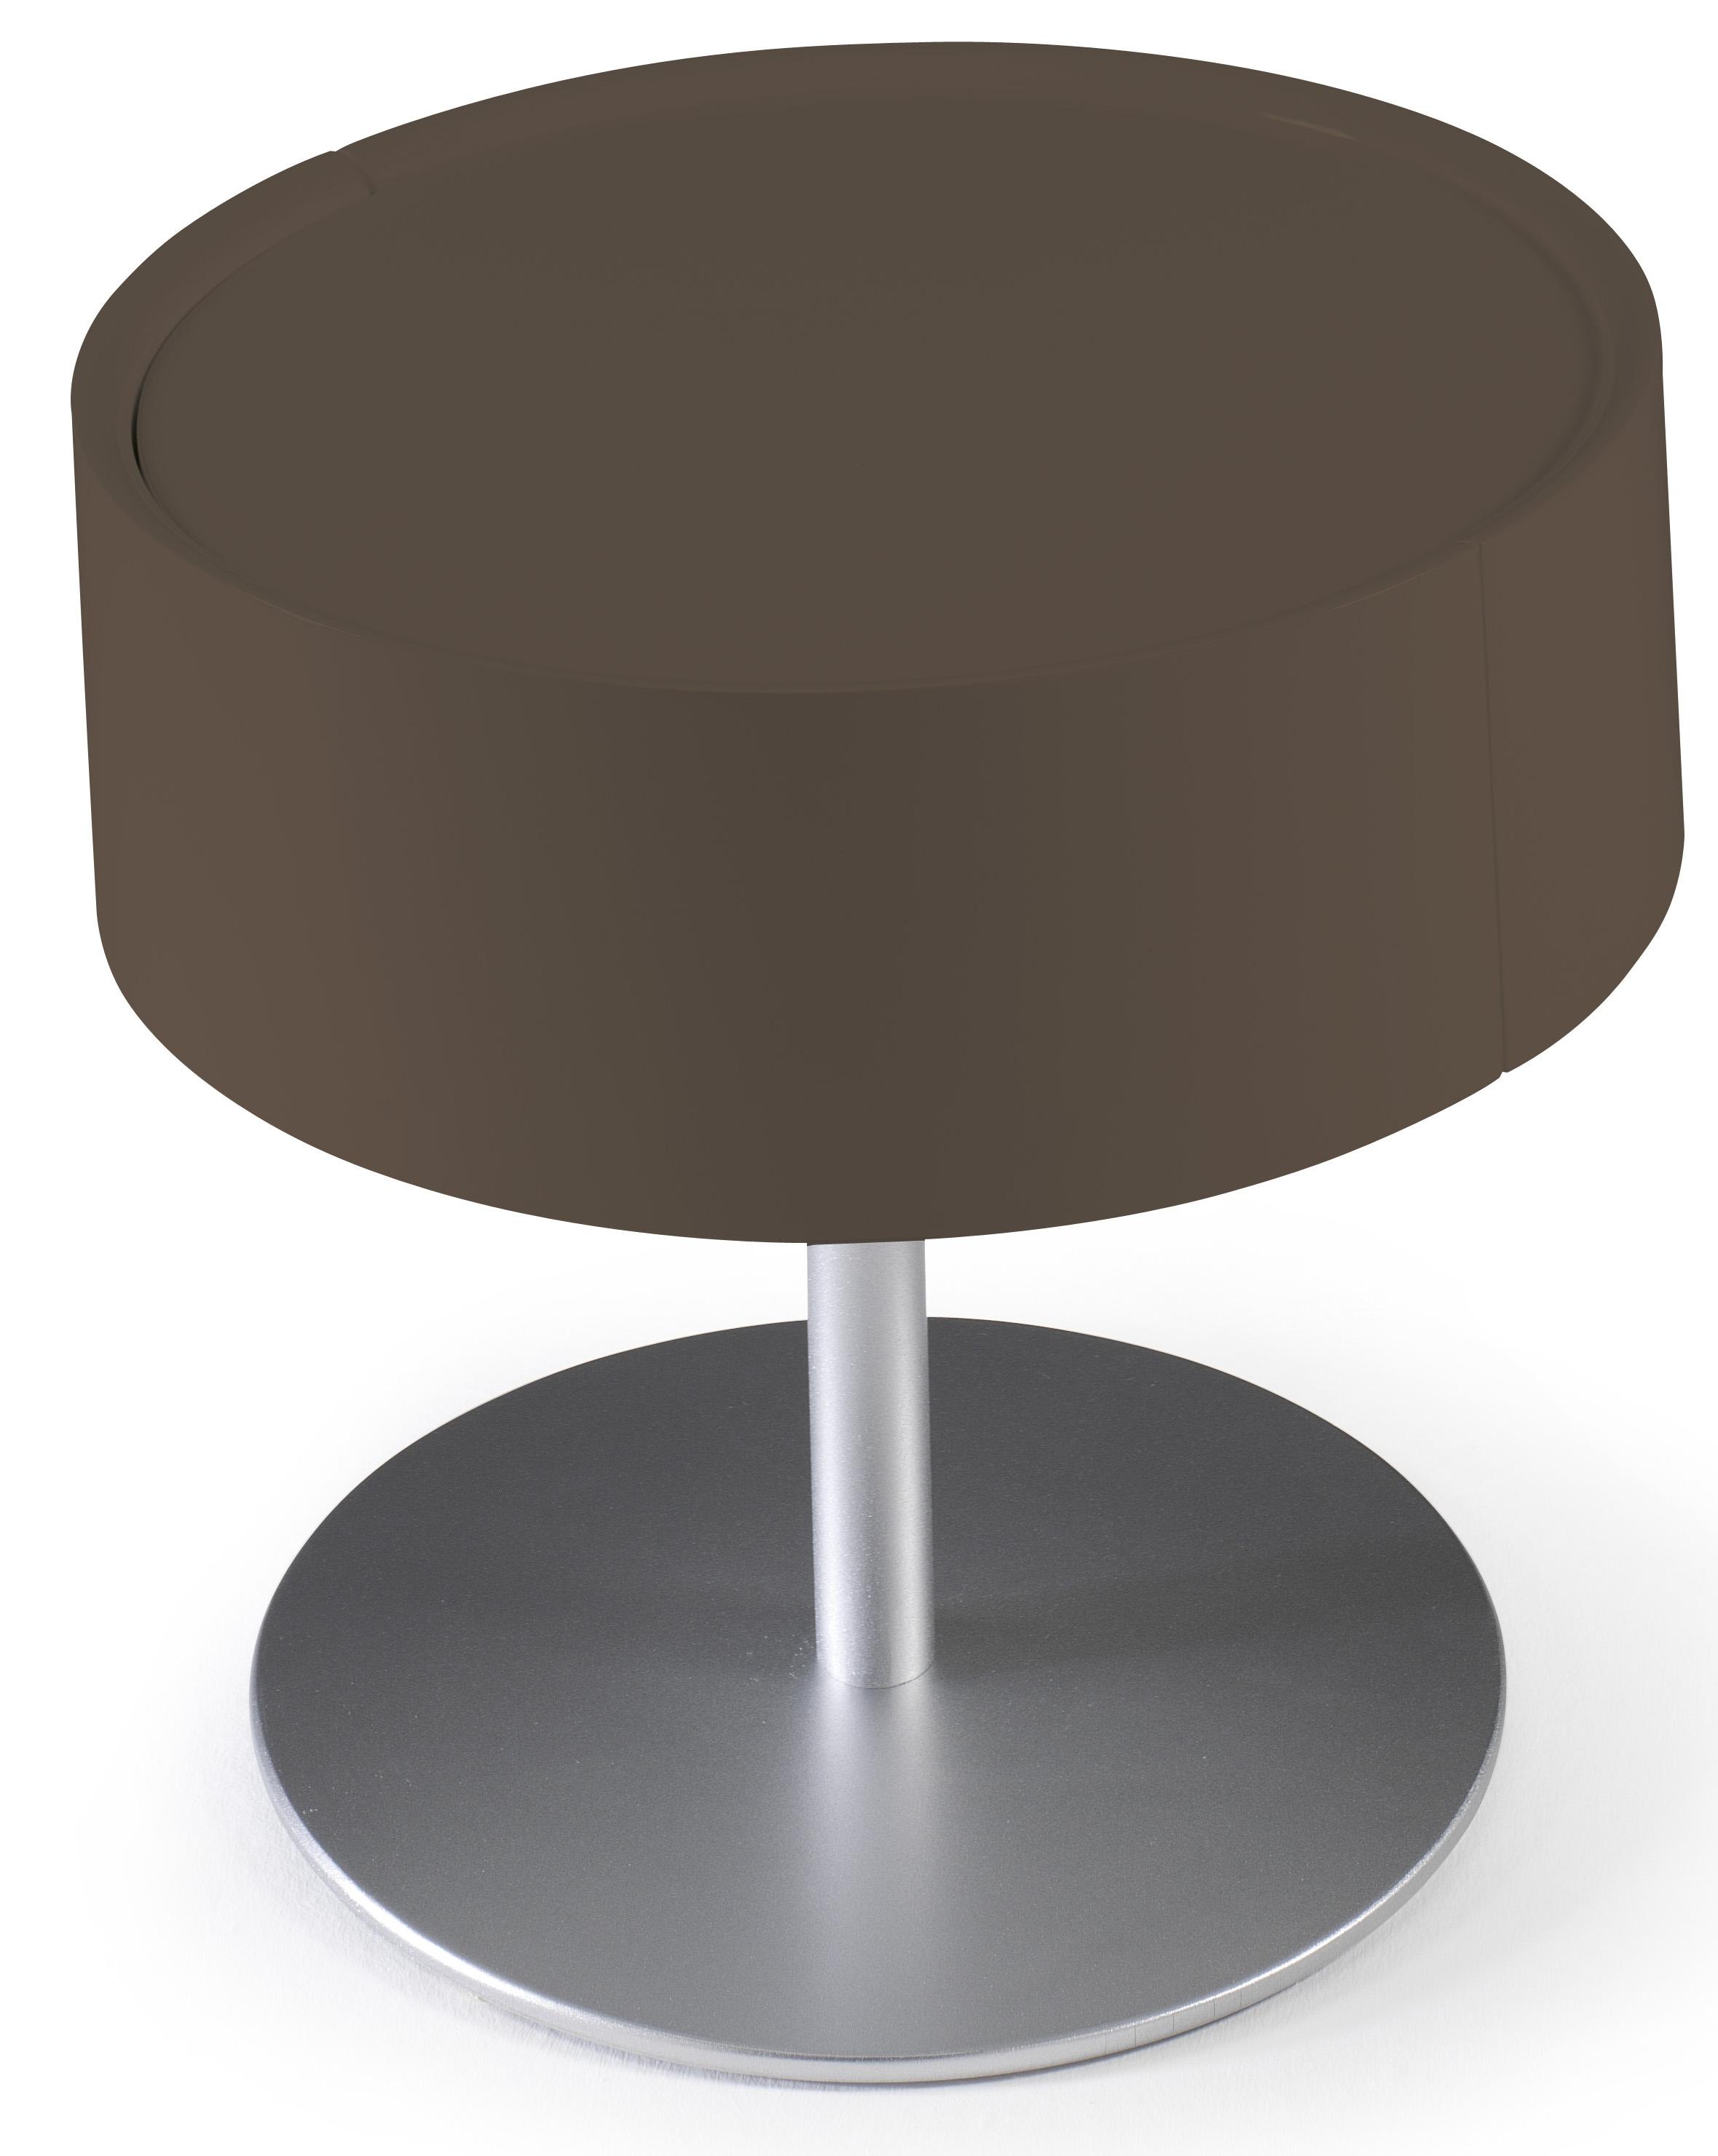 Table de chevet design marron laqu torsada - Table de chevet laque ...